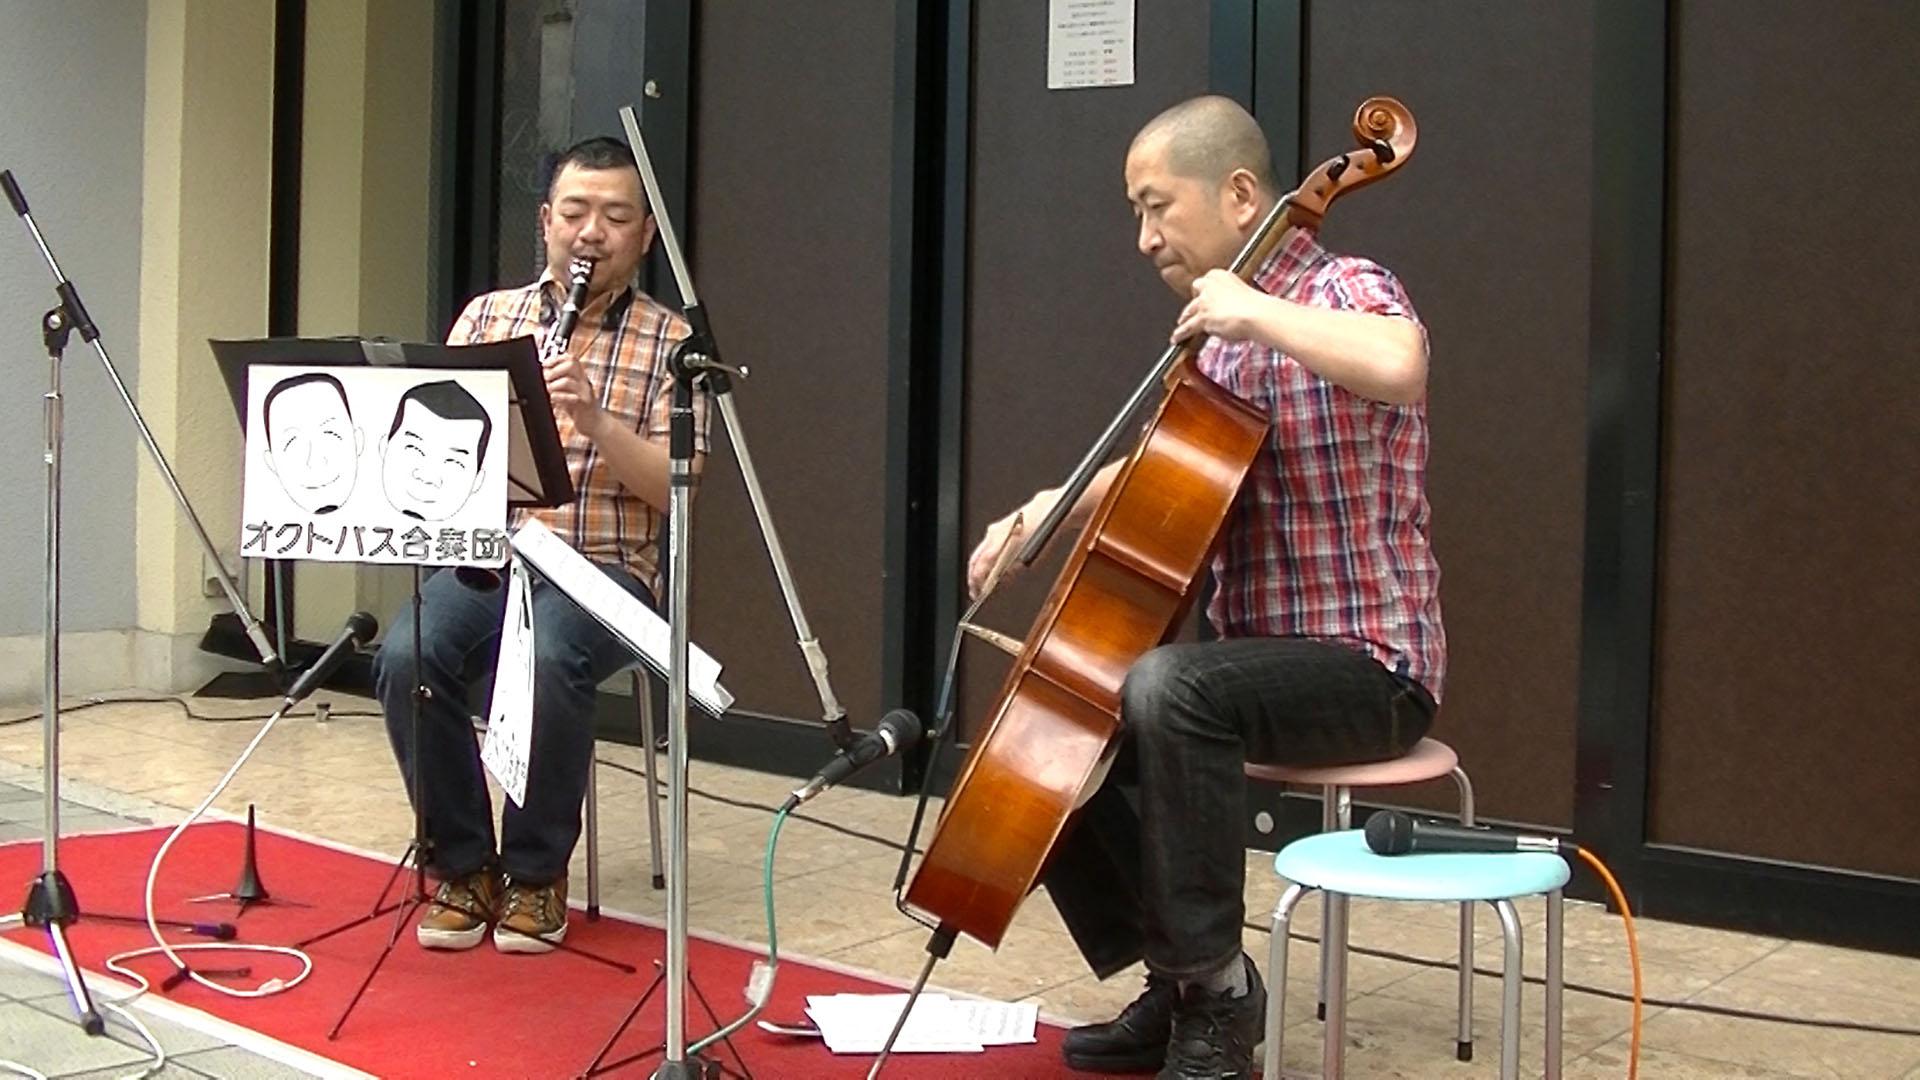 20160430おネエ様イベント.jpg